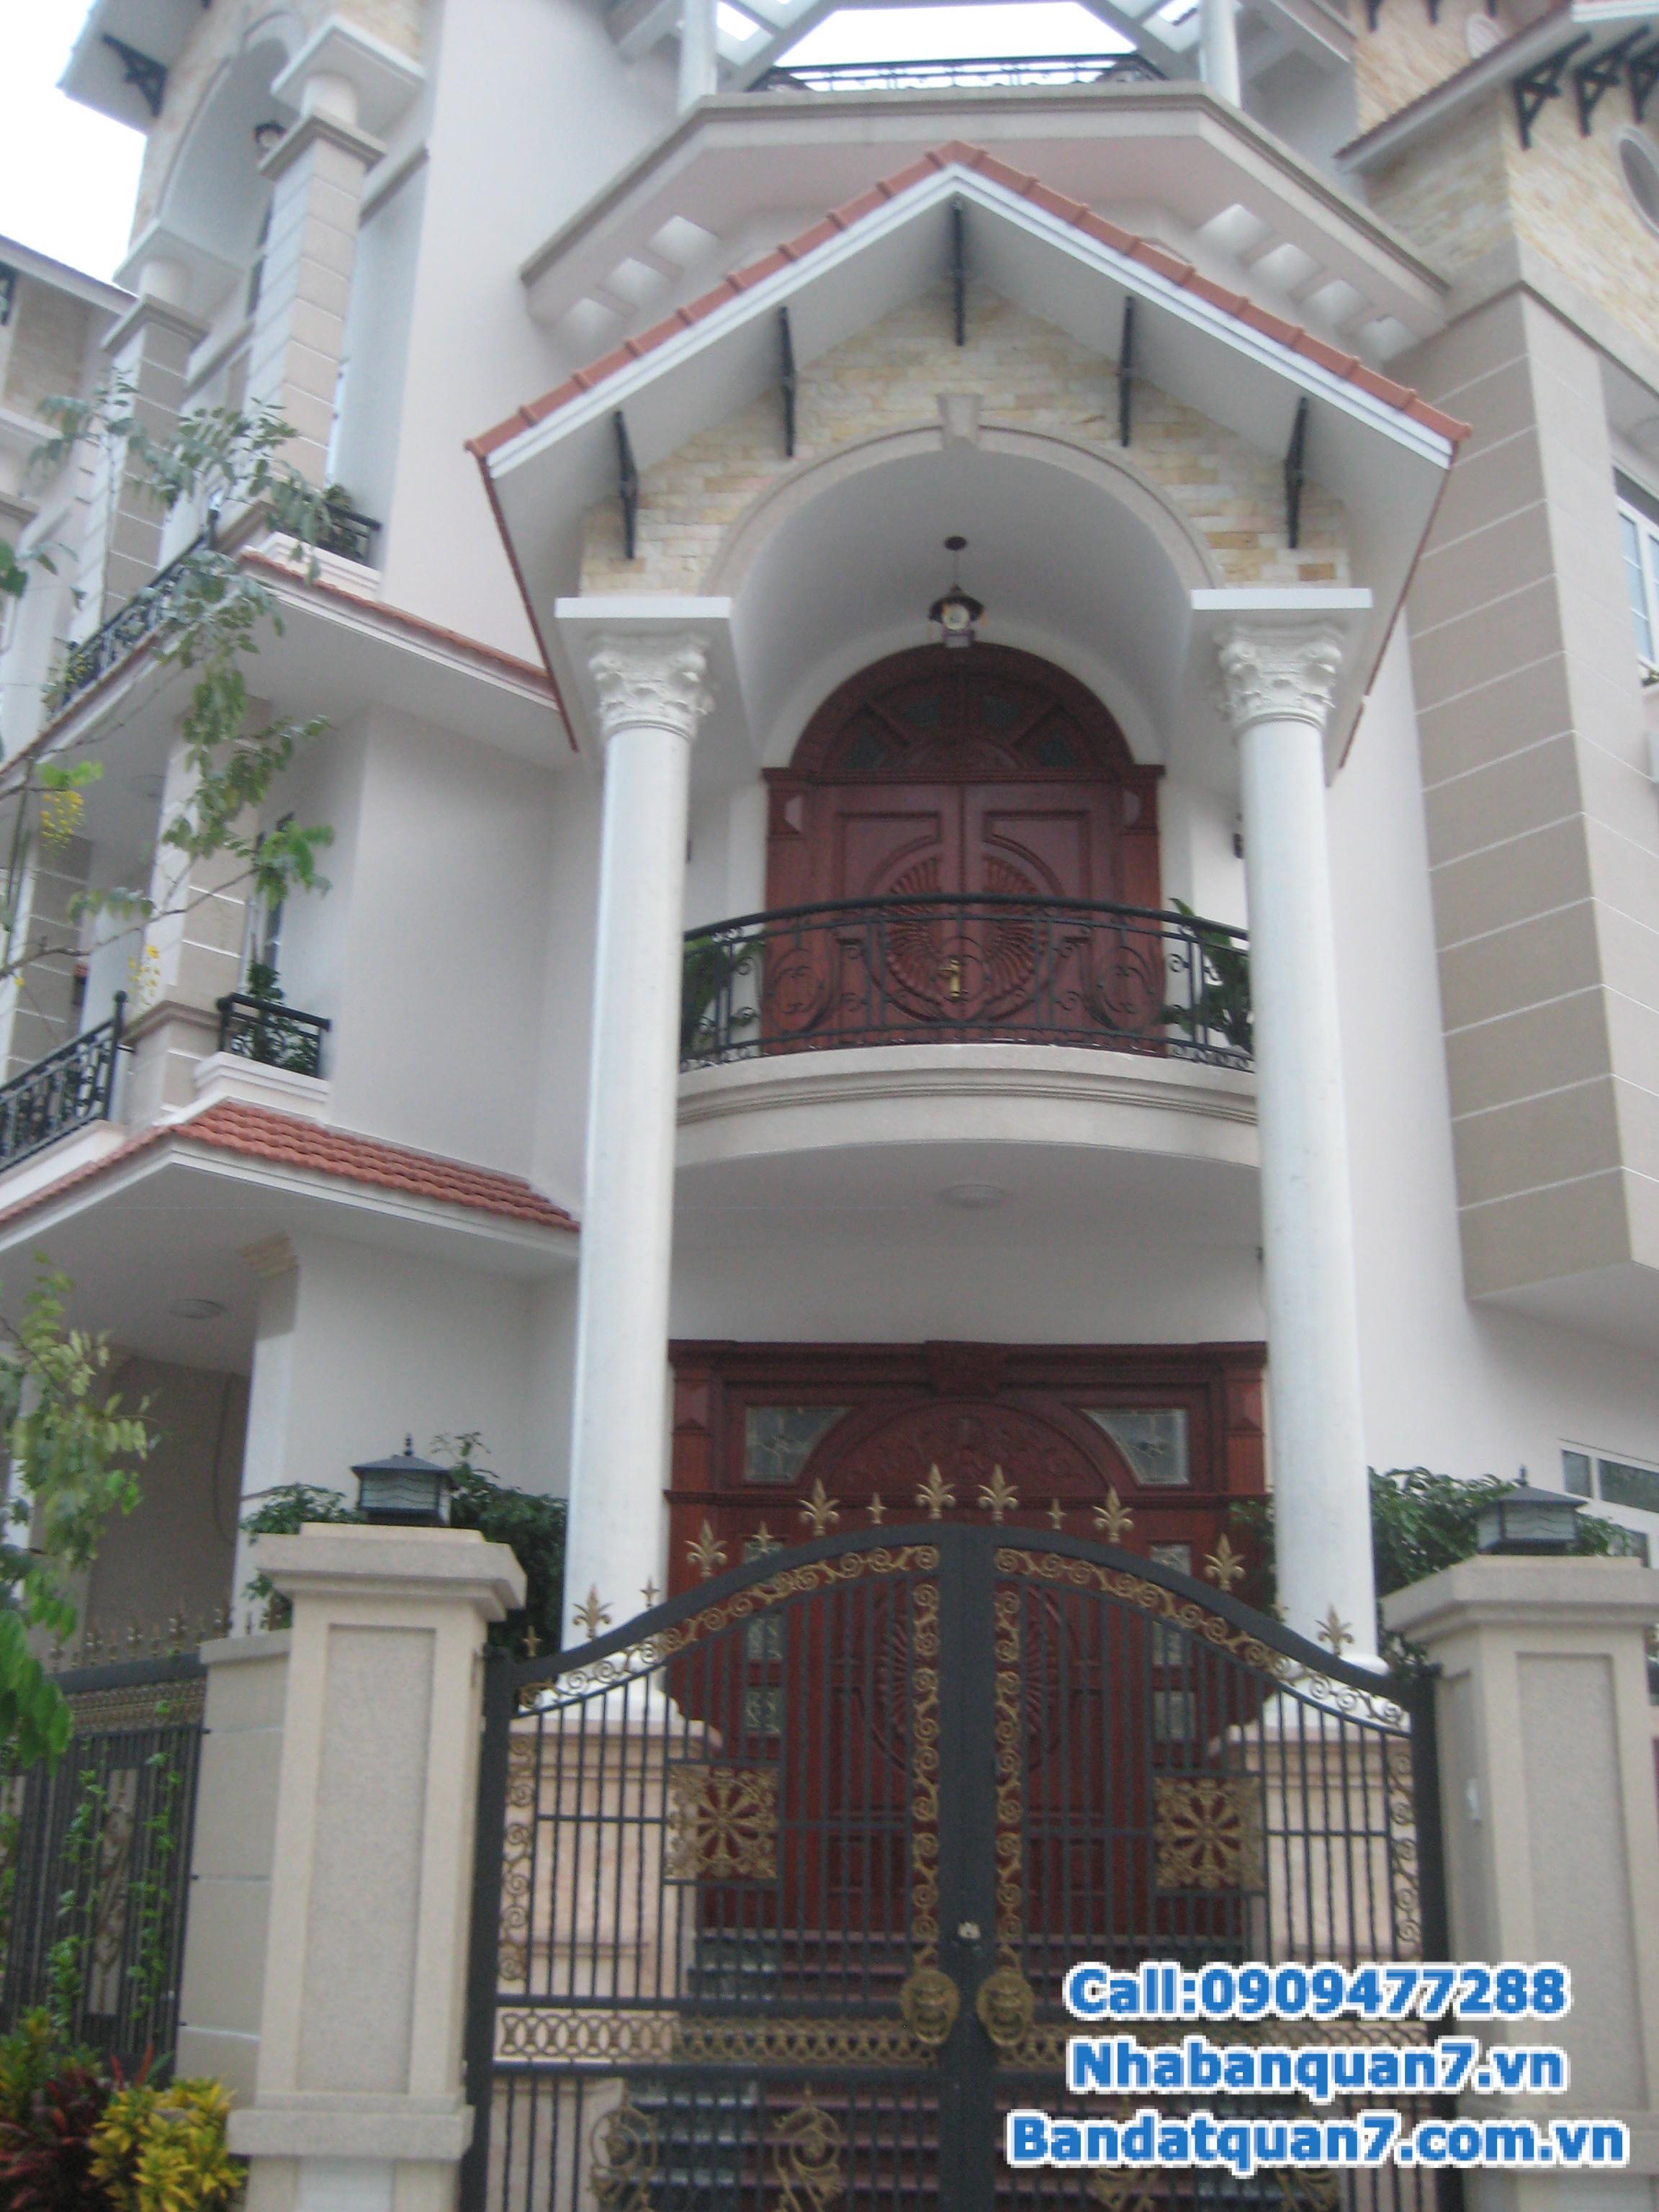 Bán 1 trong 2 căn nhà thuộc khu dân cư Him Lam Kênh Tẻ Phường Tân Hưng, Quận 7 vị trí đẹp